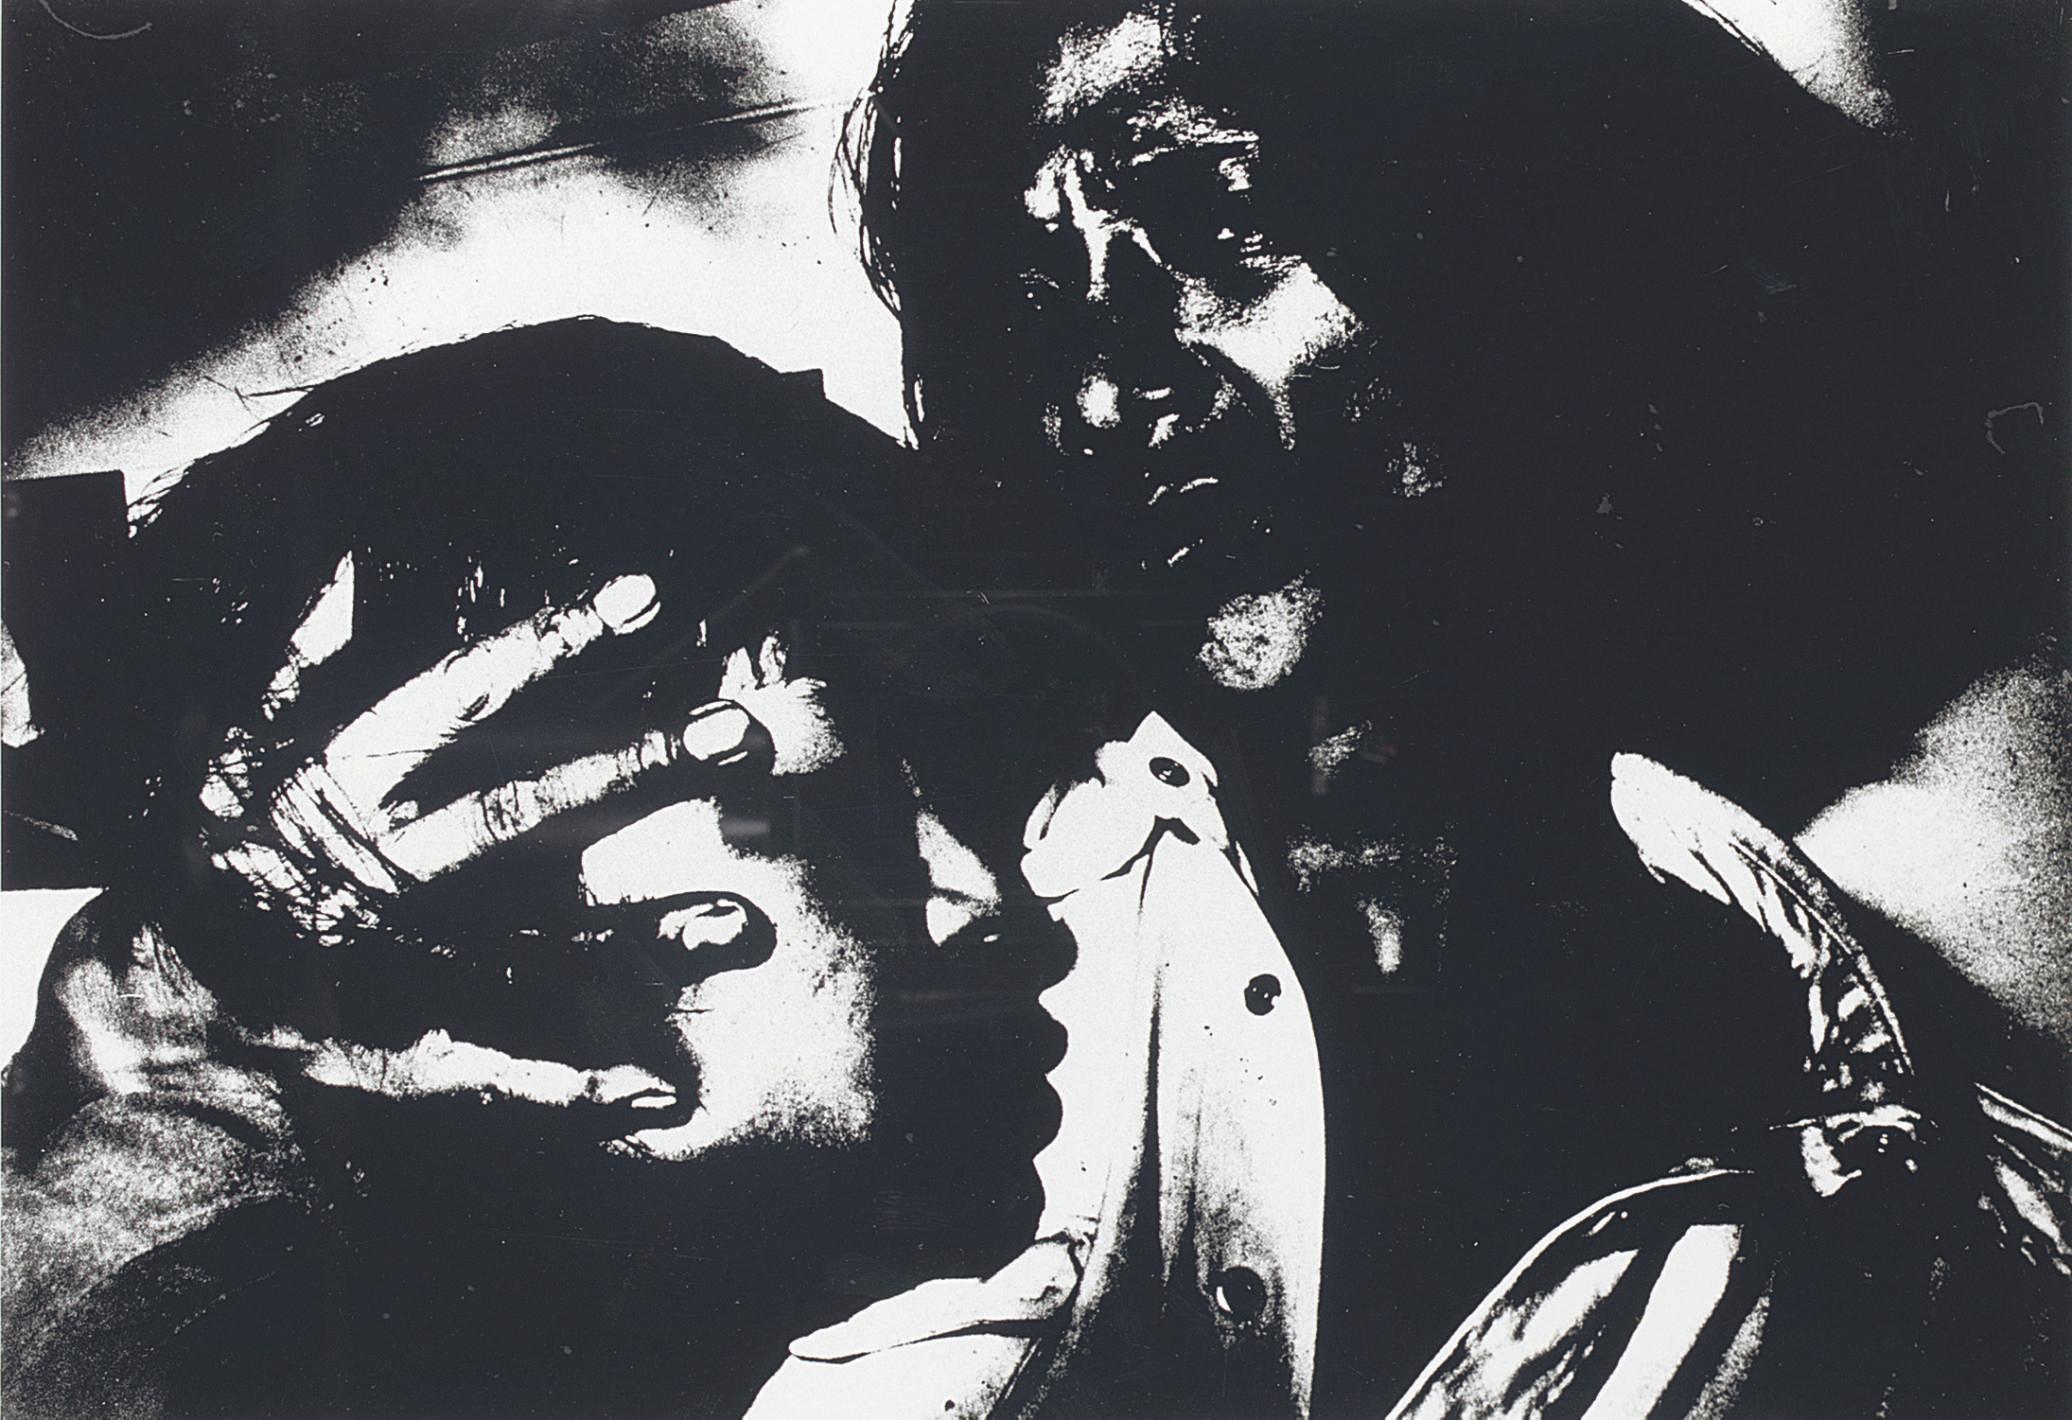 KITAJIMA KEIZO (b.1954)